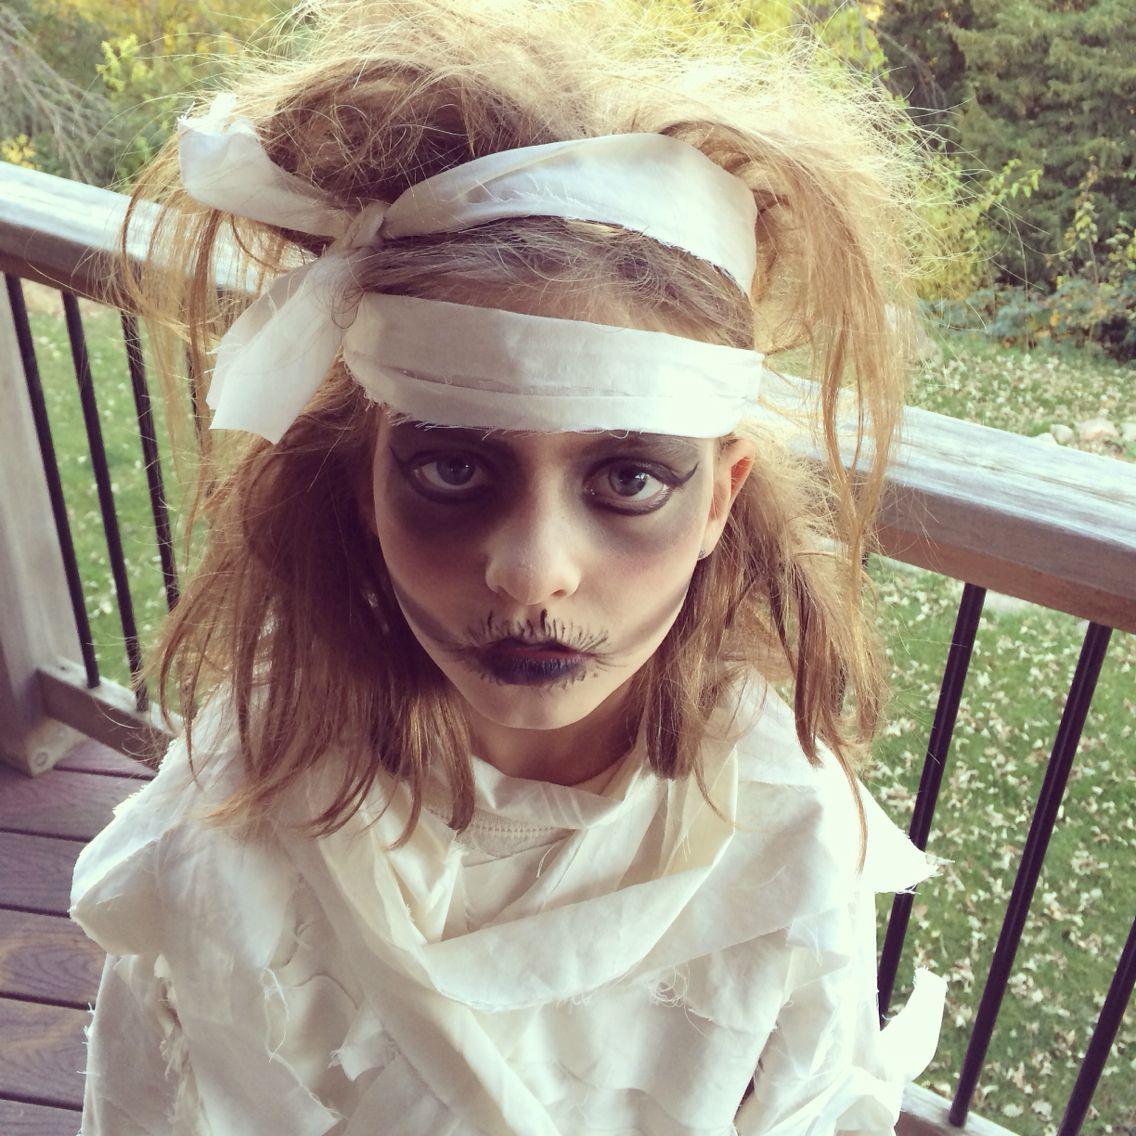 Kid's Mummy makeup and homemade mummy costume. Mummy